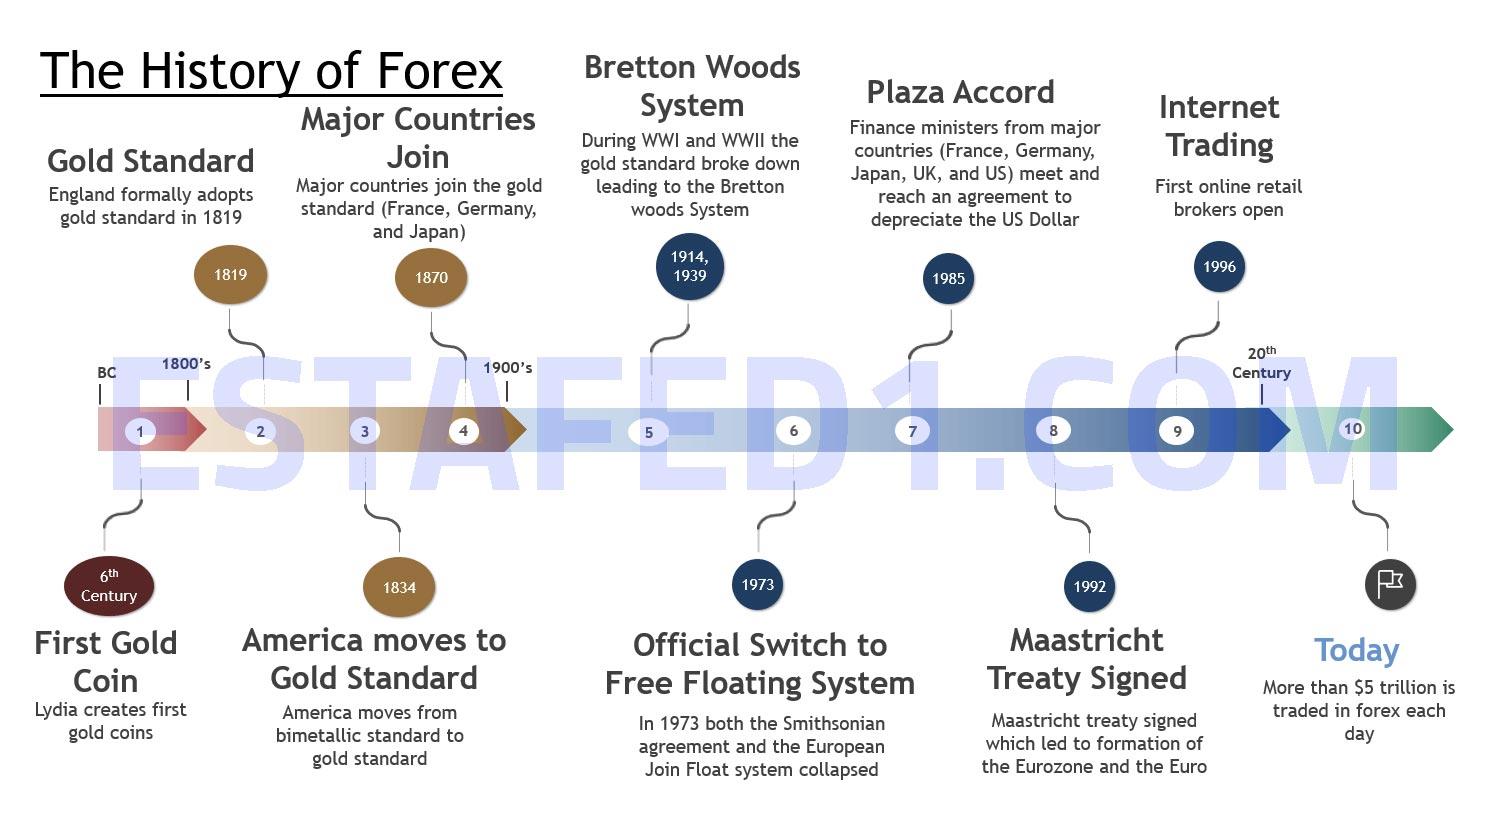 تاريخ تداول العملات أو الفوركس